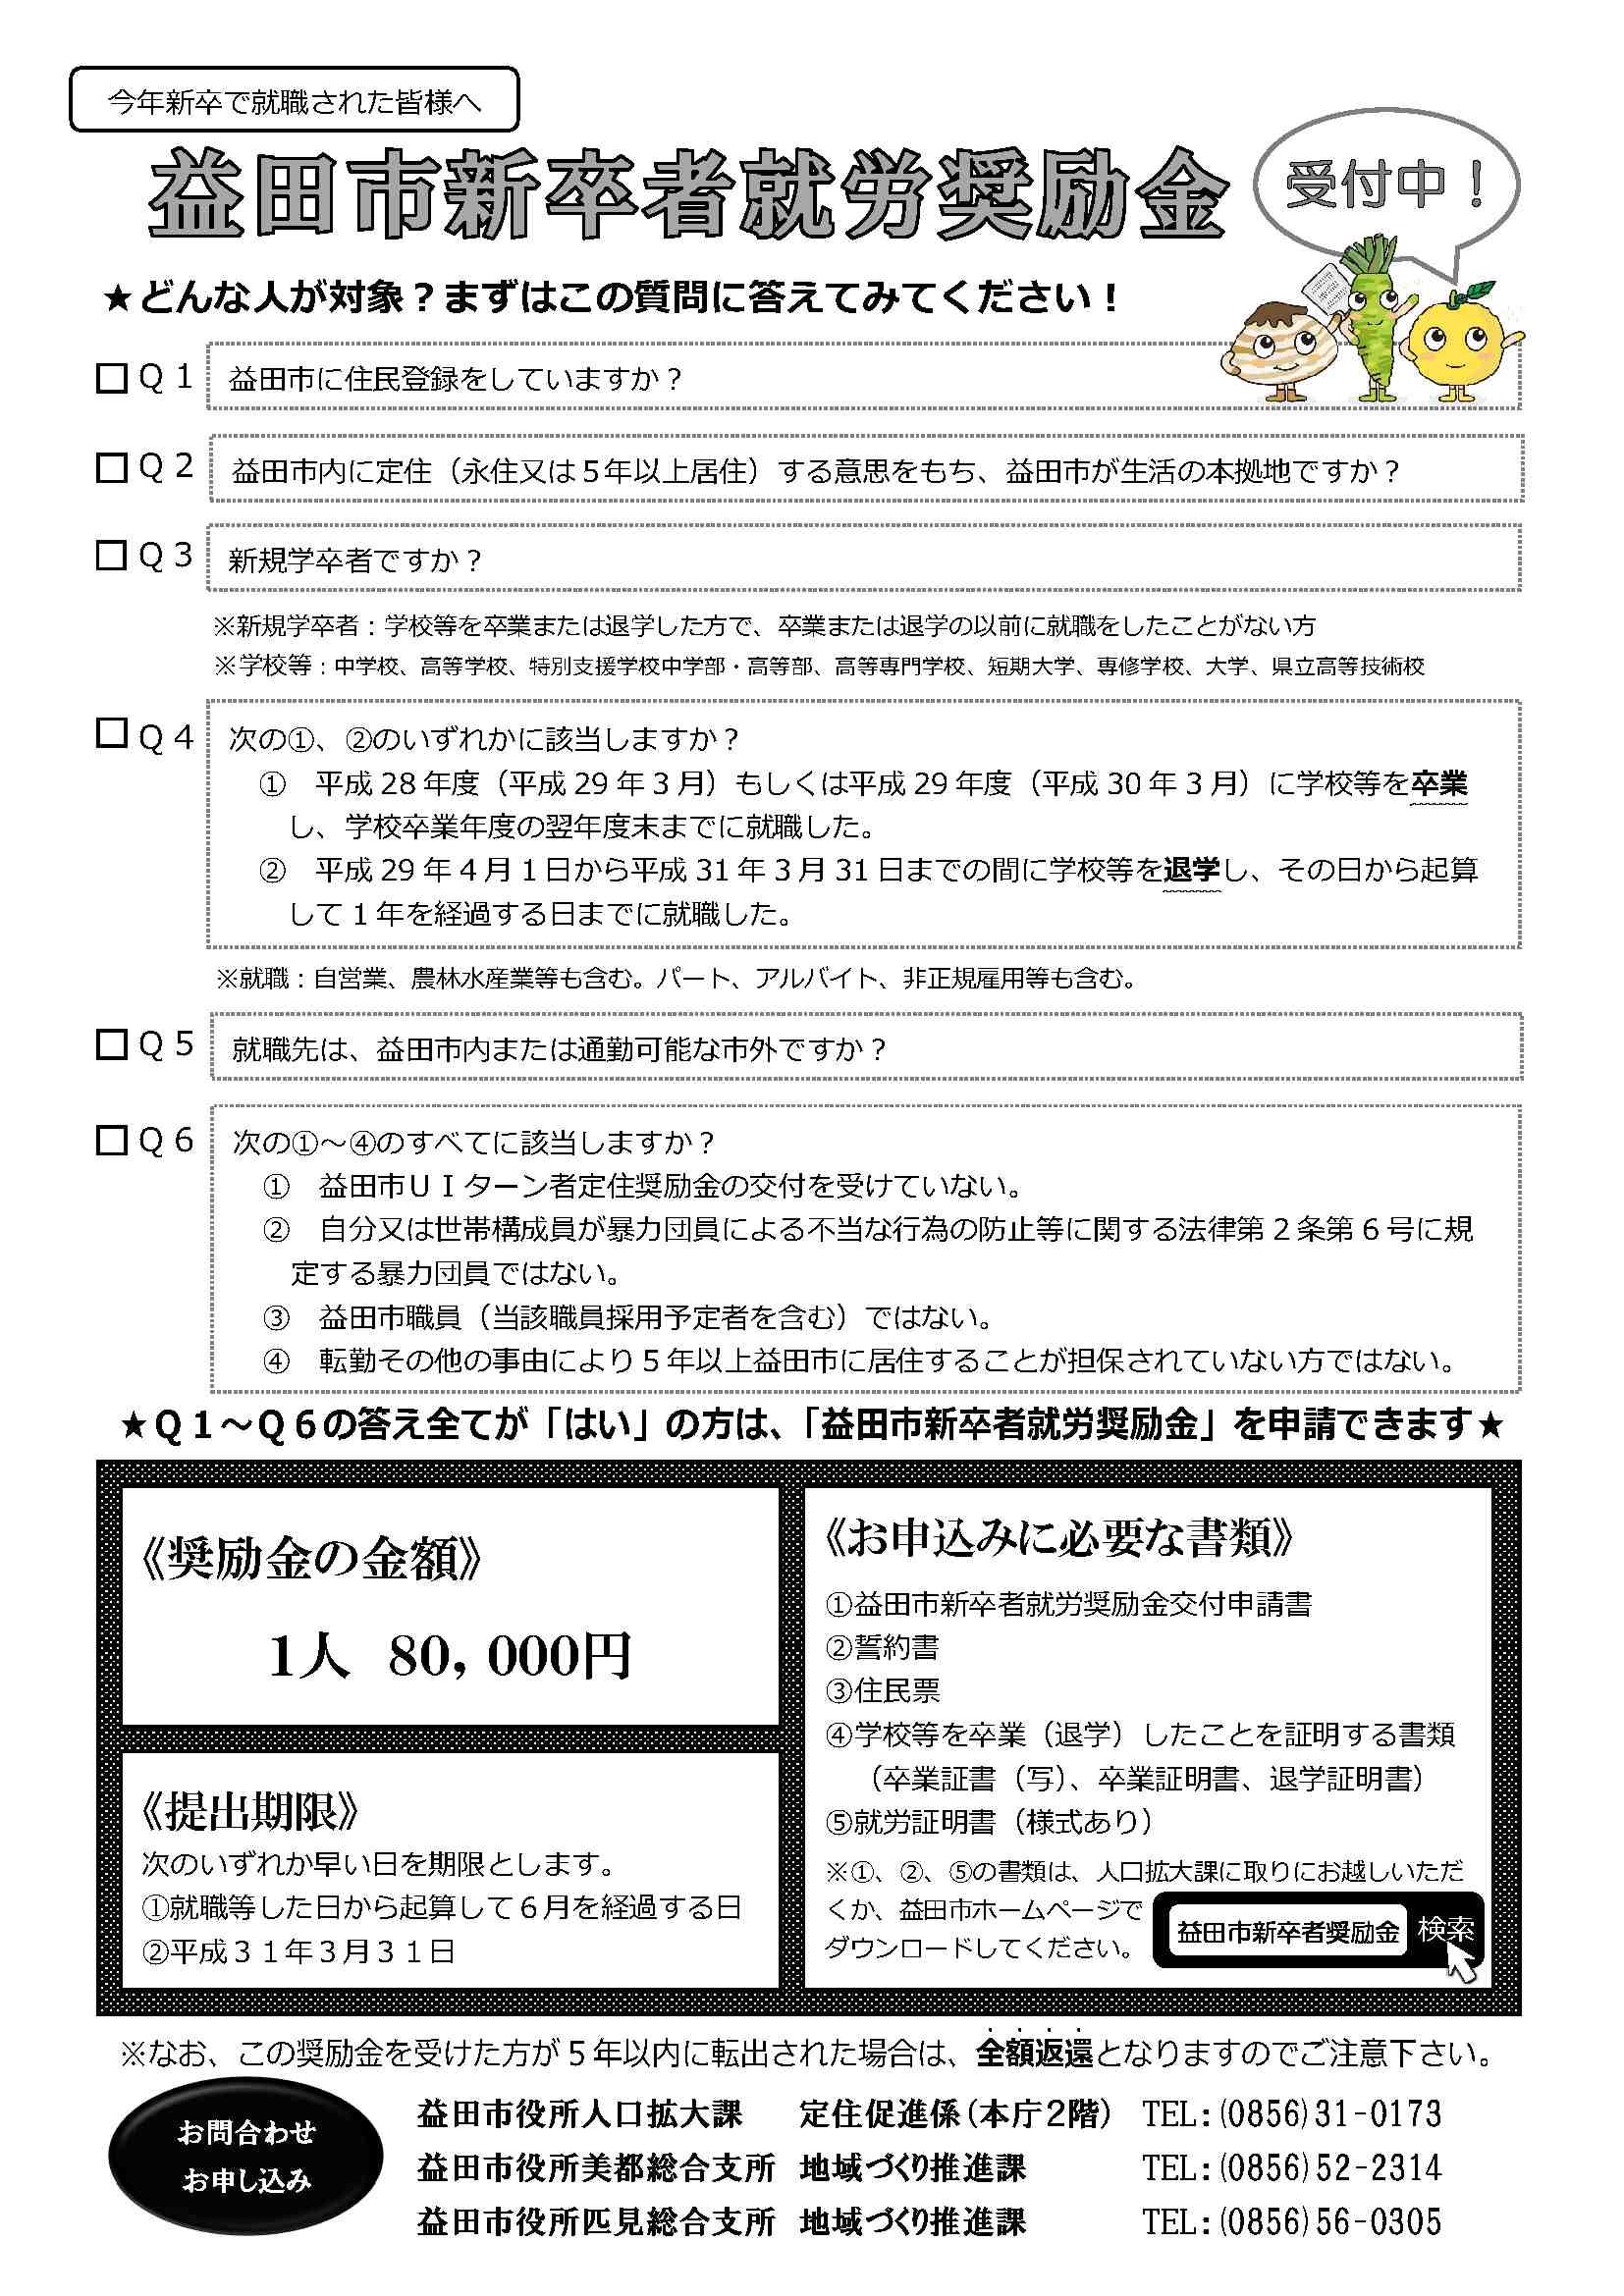 益田市新卒者就労奨励金チラシH29.jpg